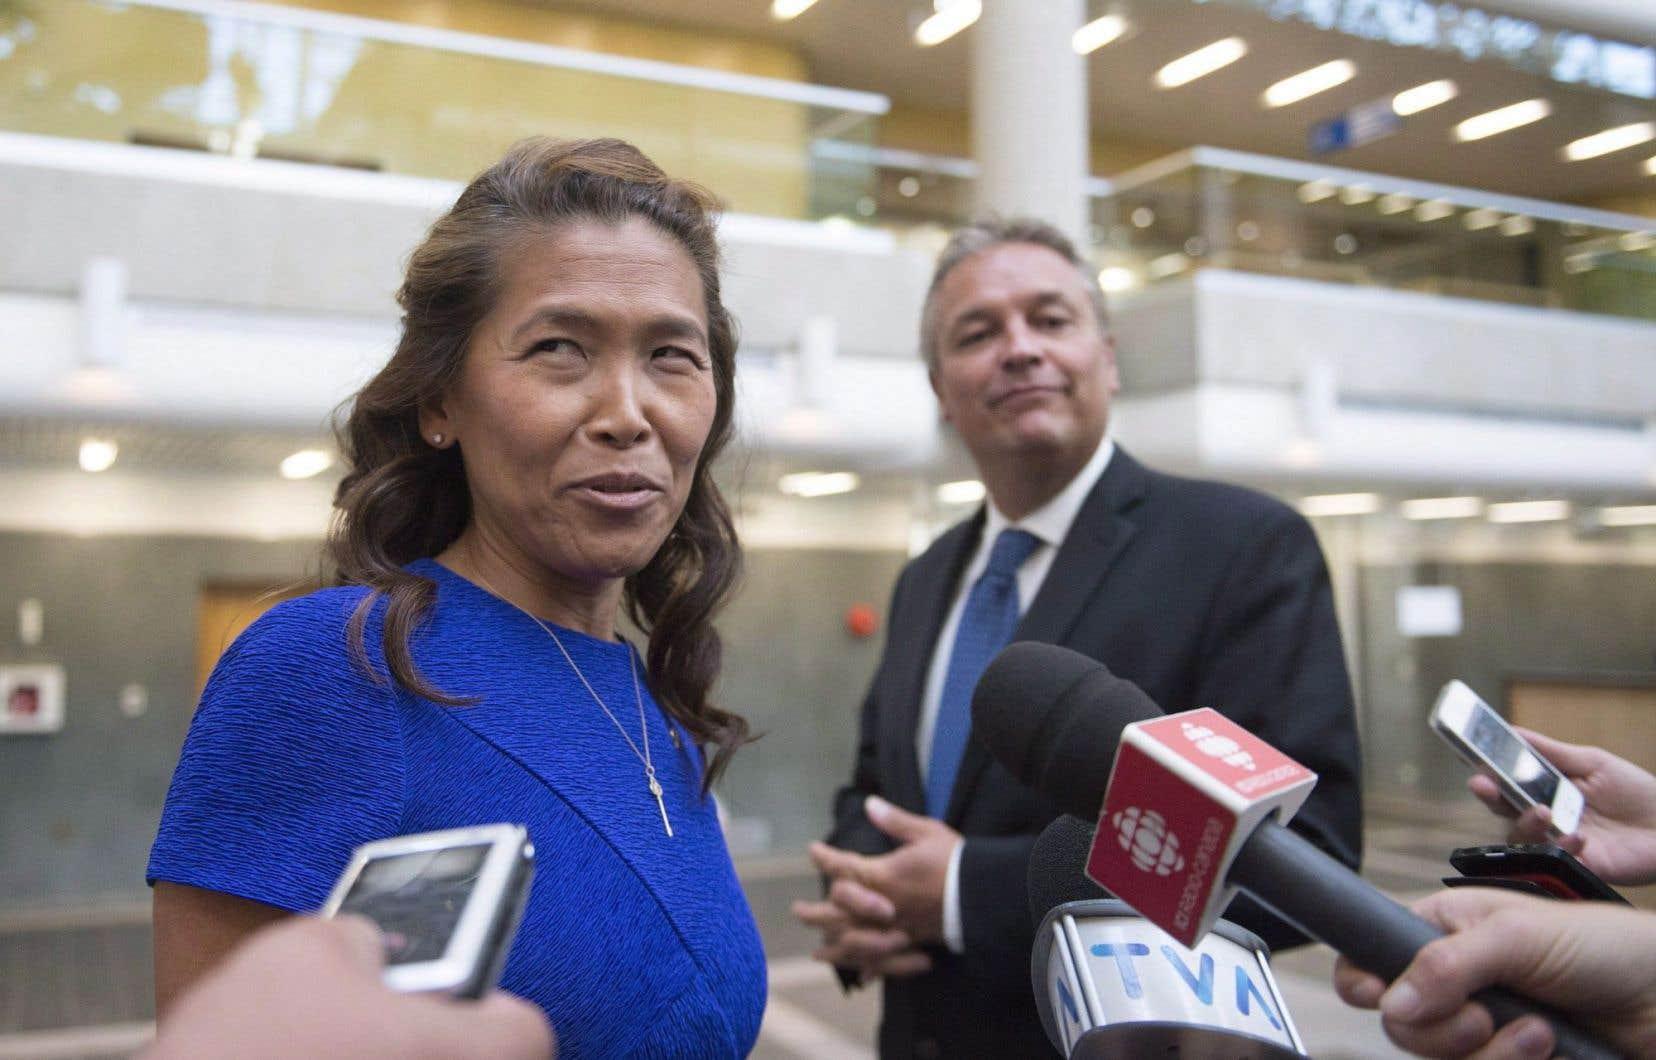 La judiciarisation éhontée de l'affaire Khuong est un exemple qui vient fragiliser le monopole du système judiciaire et les limites de son raisonnement.